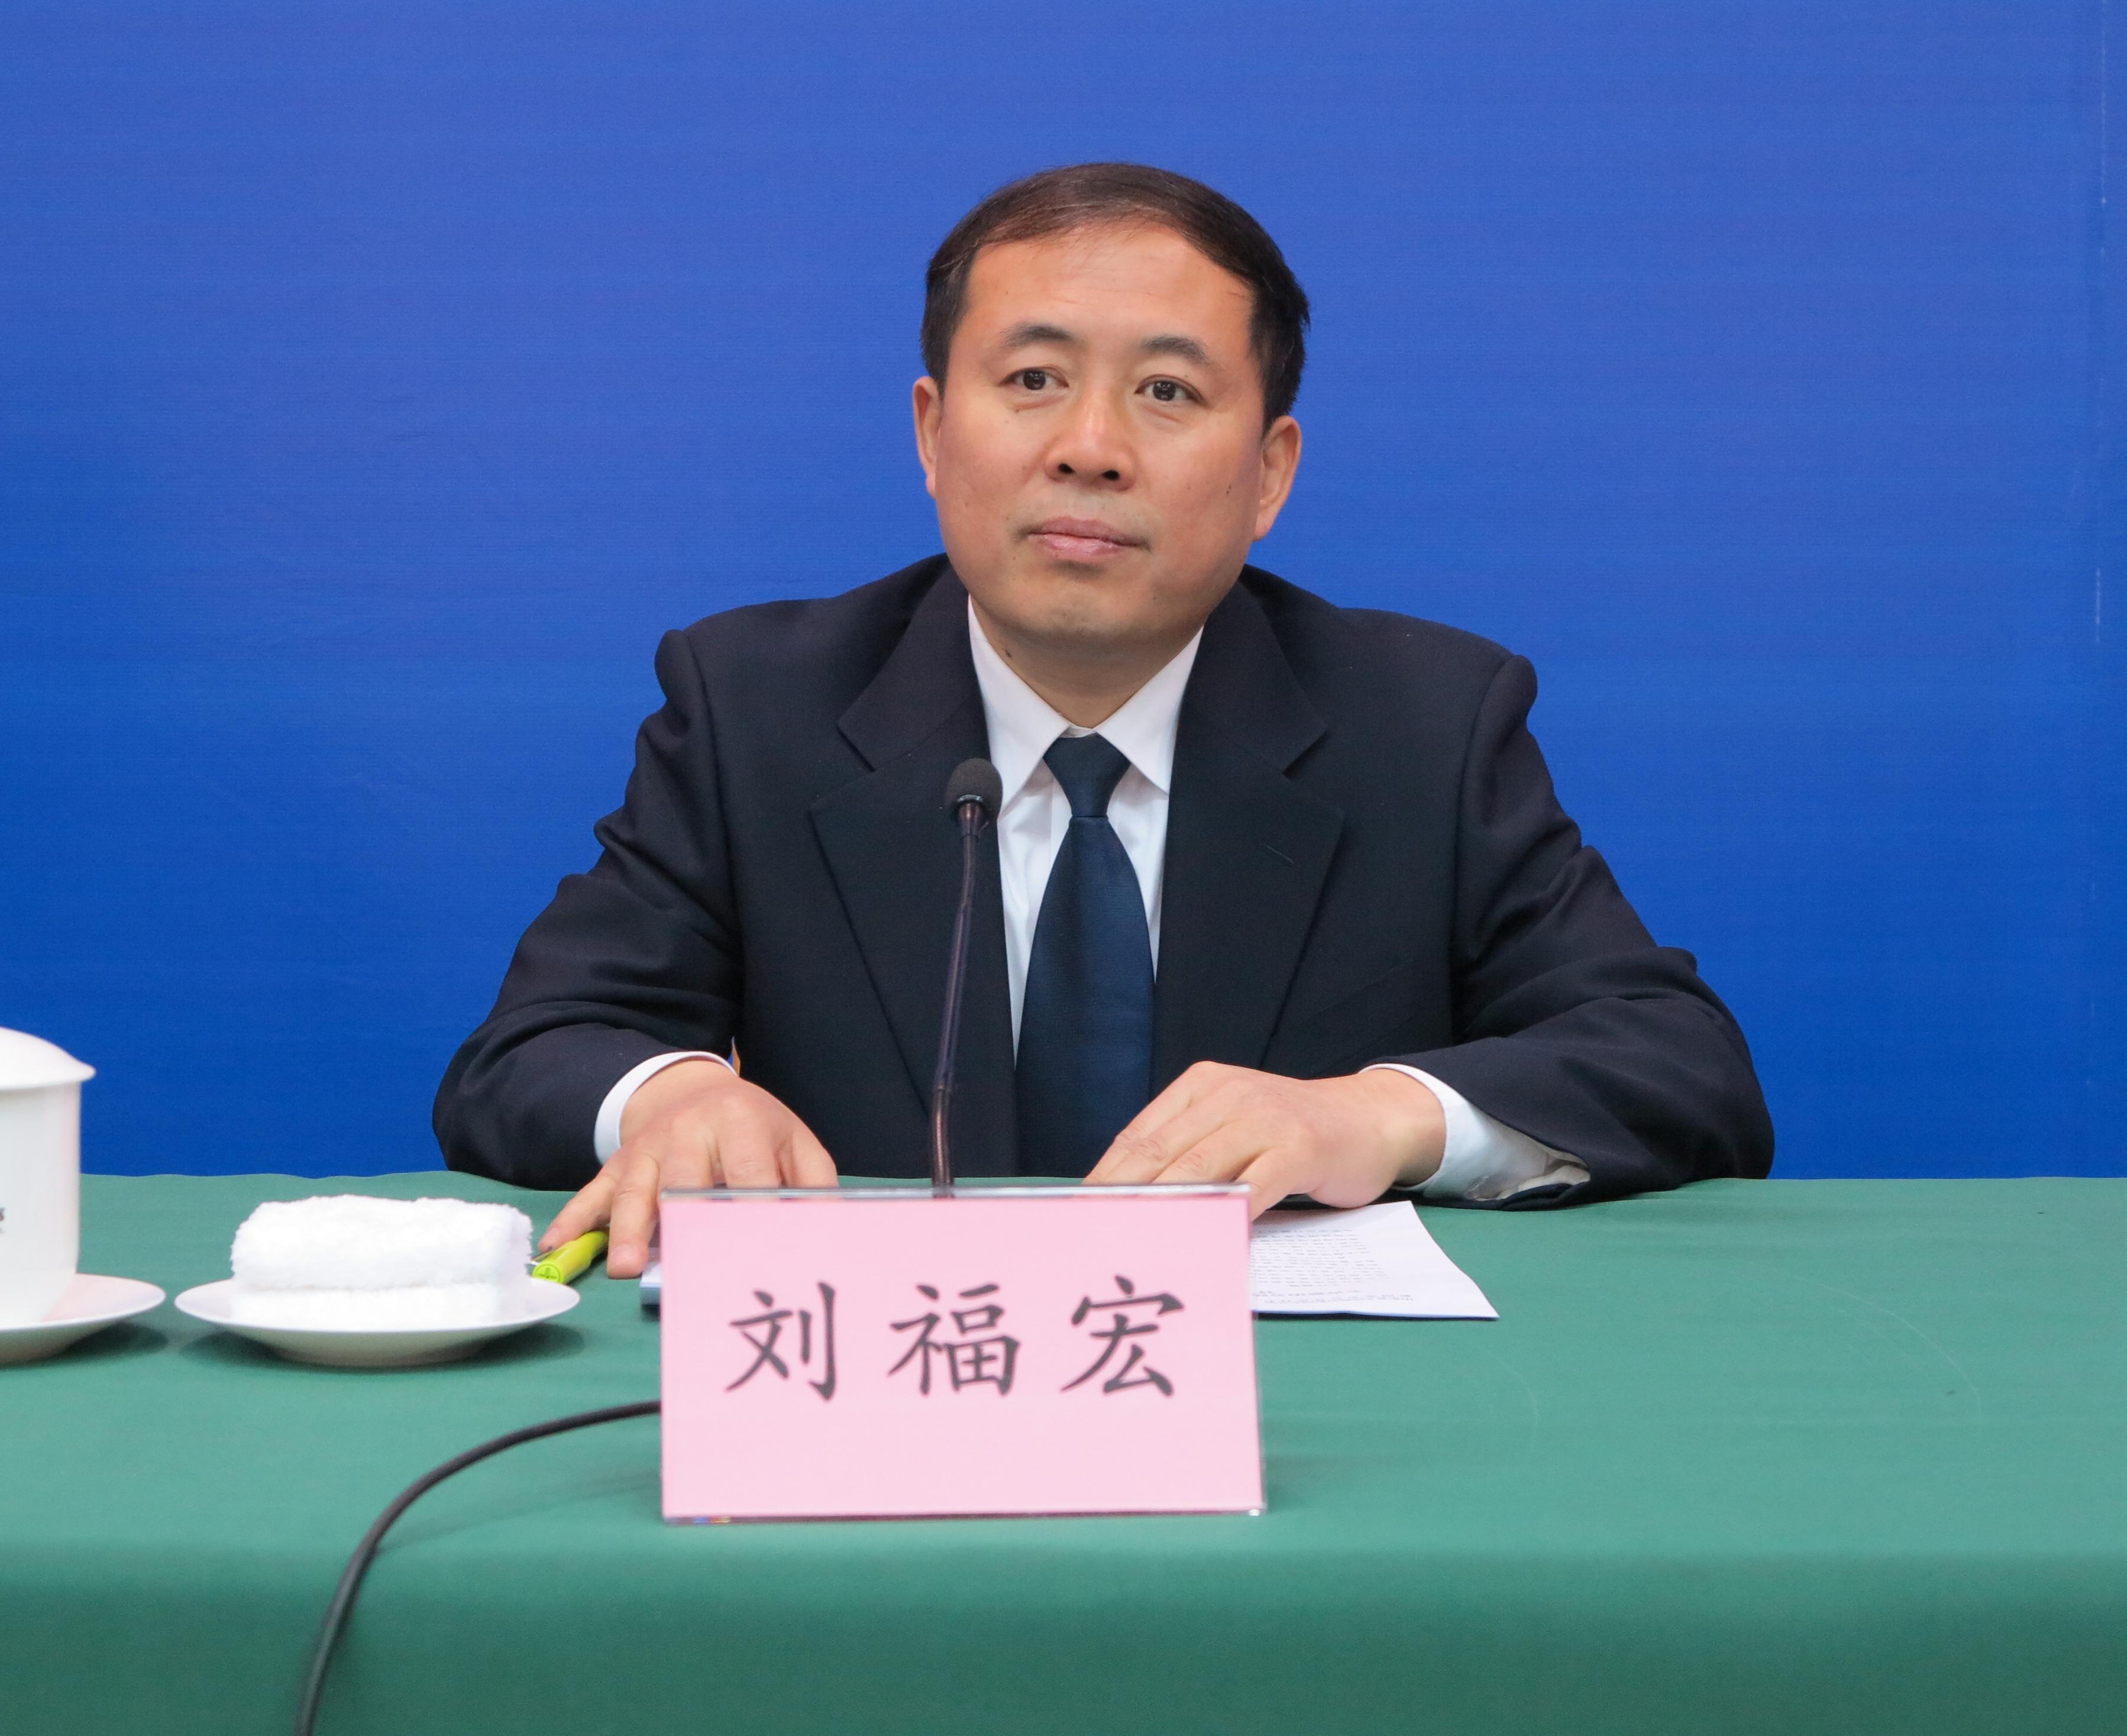 山东省公安厅交通管理局政委 刘福宏